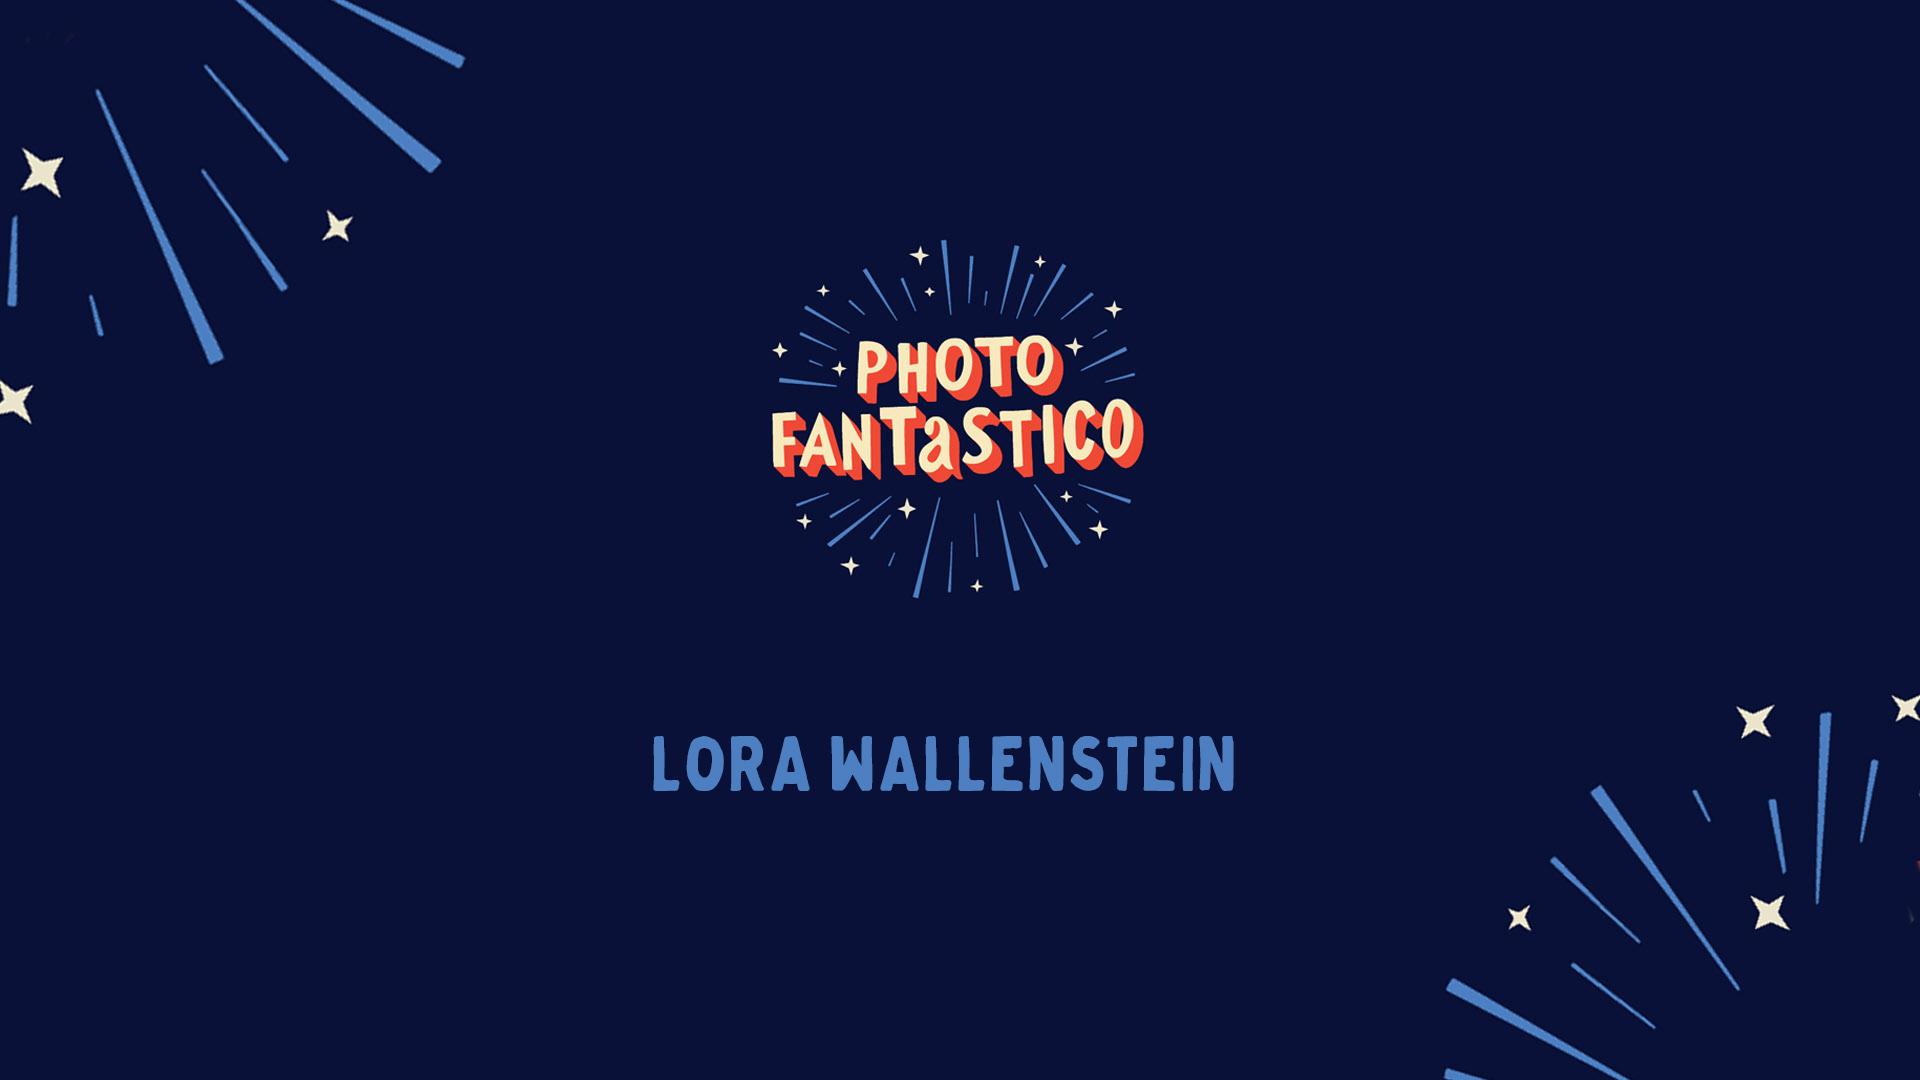 Lora Wallenstein